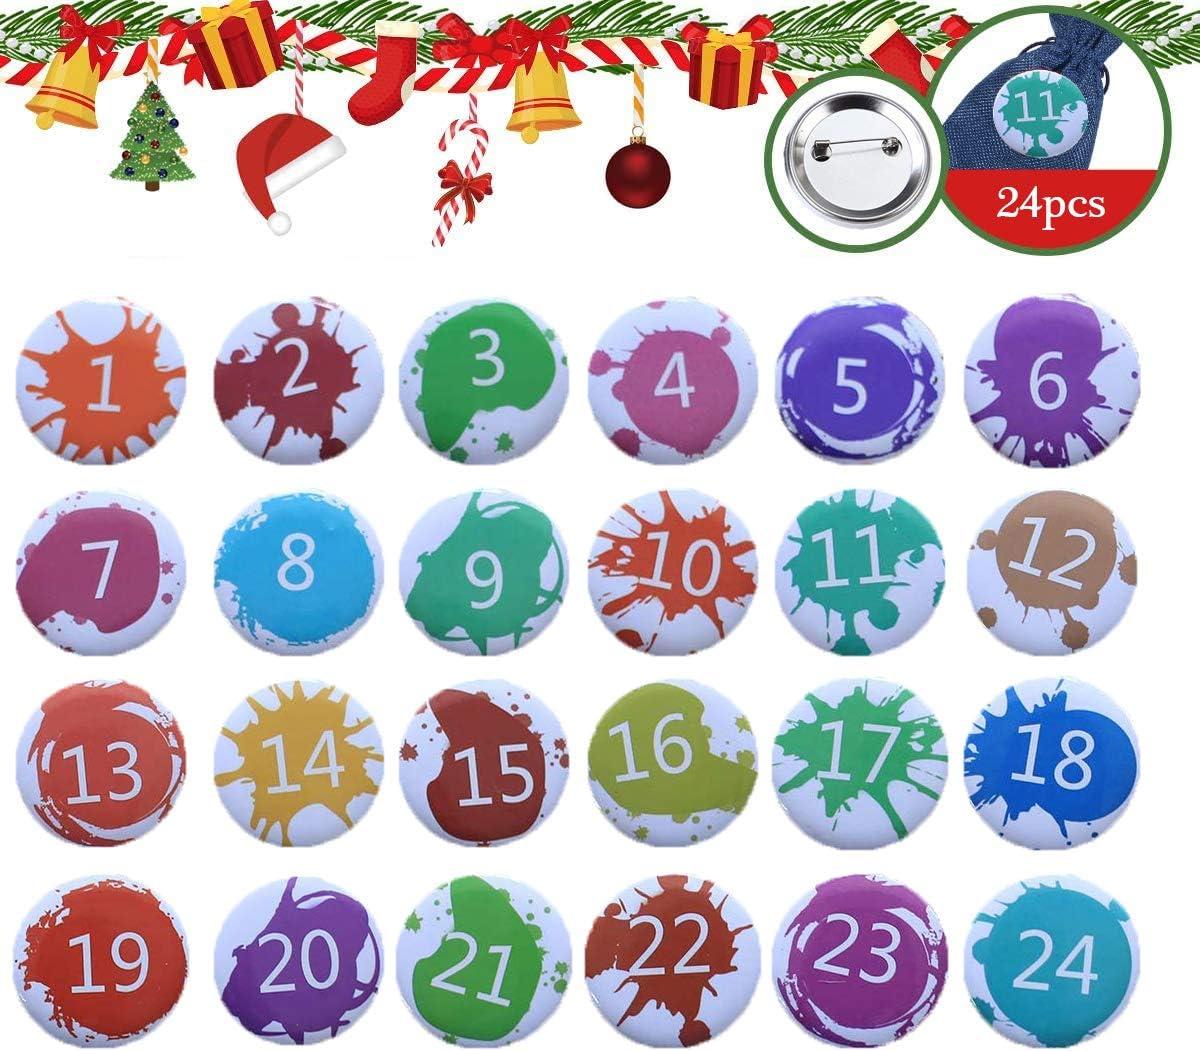 HIQE-FL Advent Calendar Numbers Buttons,Advent Calendar Buttons,Christmas Advent Calendar Numbers,24 Advent Calendar,Countdown Christmas,Diy Christmas Calendar A